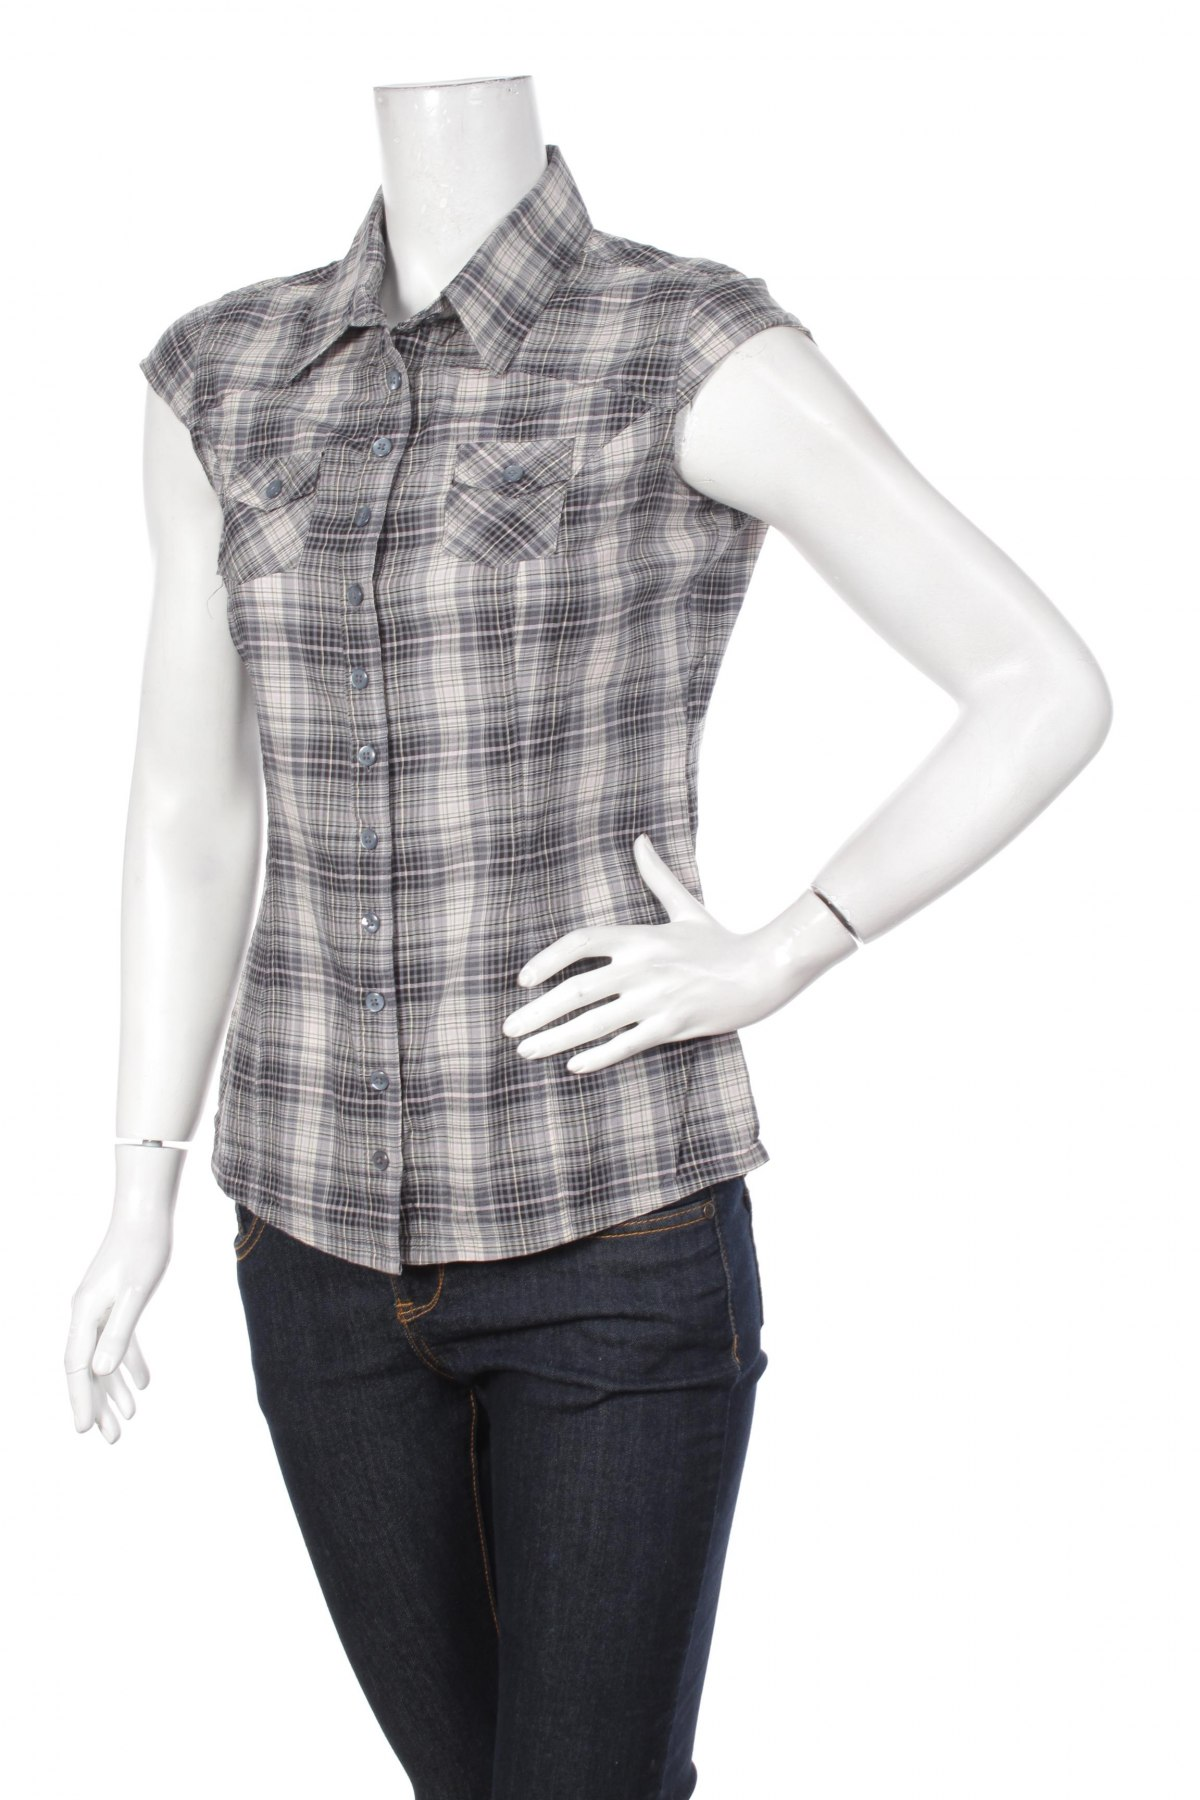 Γυναικείο πουκάμισο Ricki's